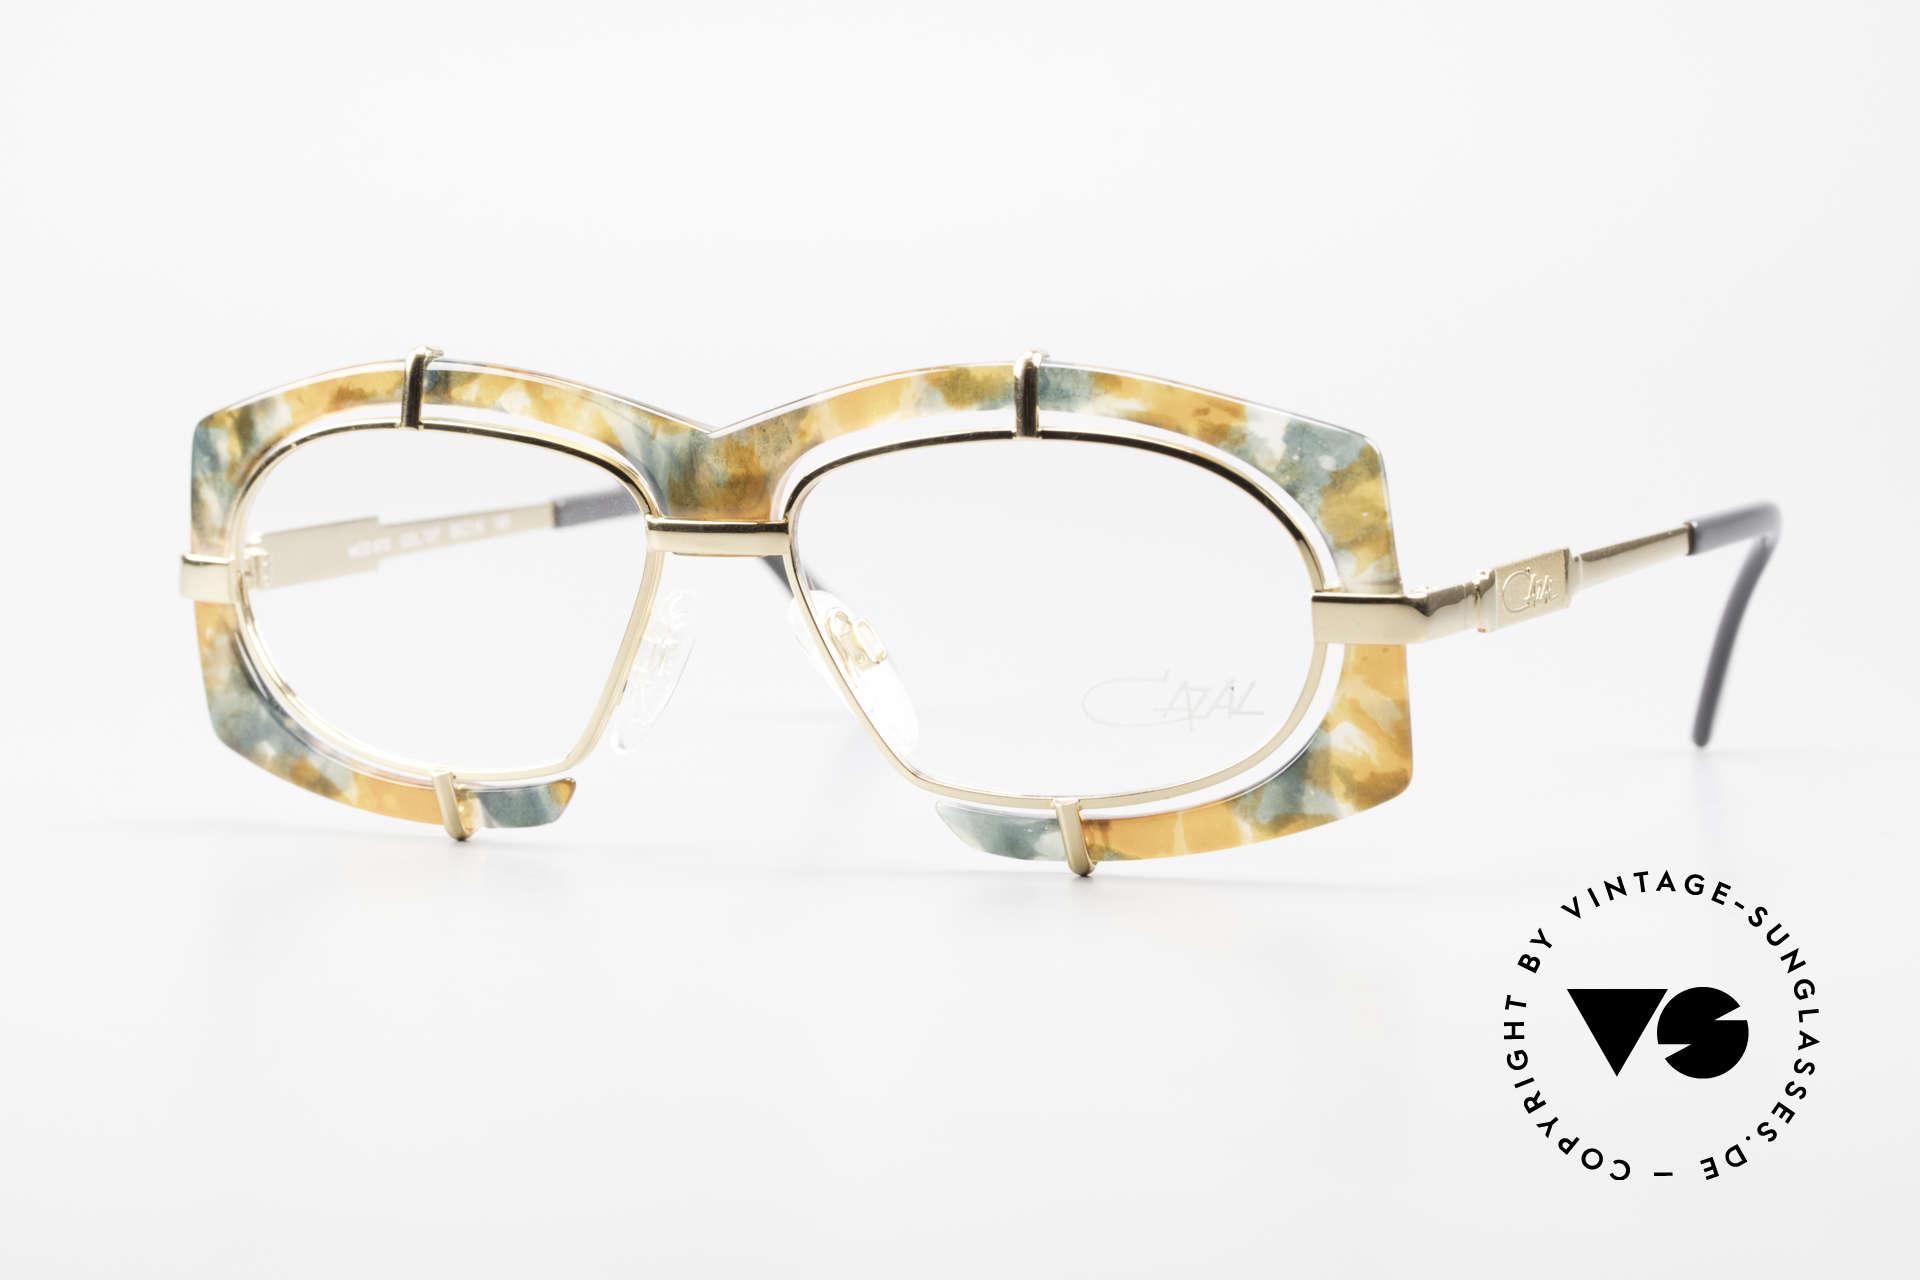 Cazal 872 Außergewöhnliche Brille 90er, verrückte Cazal Designer-Fassung der frühen 1990er, Passend für Herren und Damen